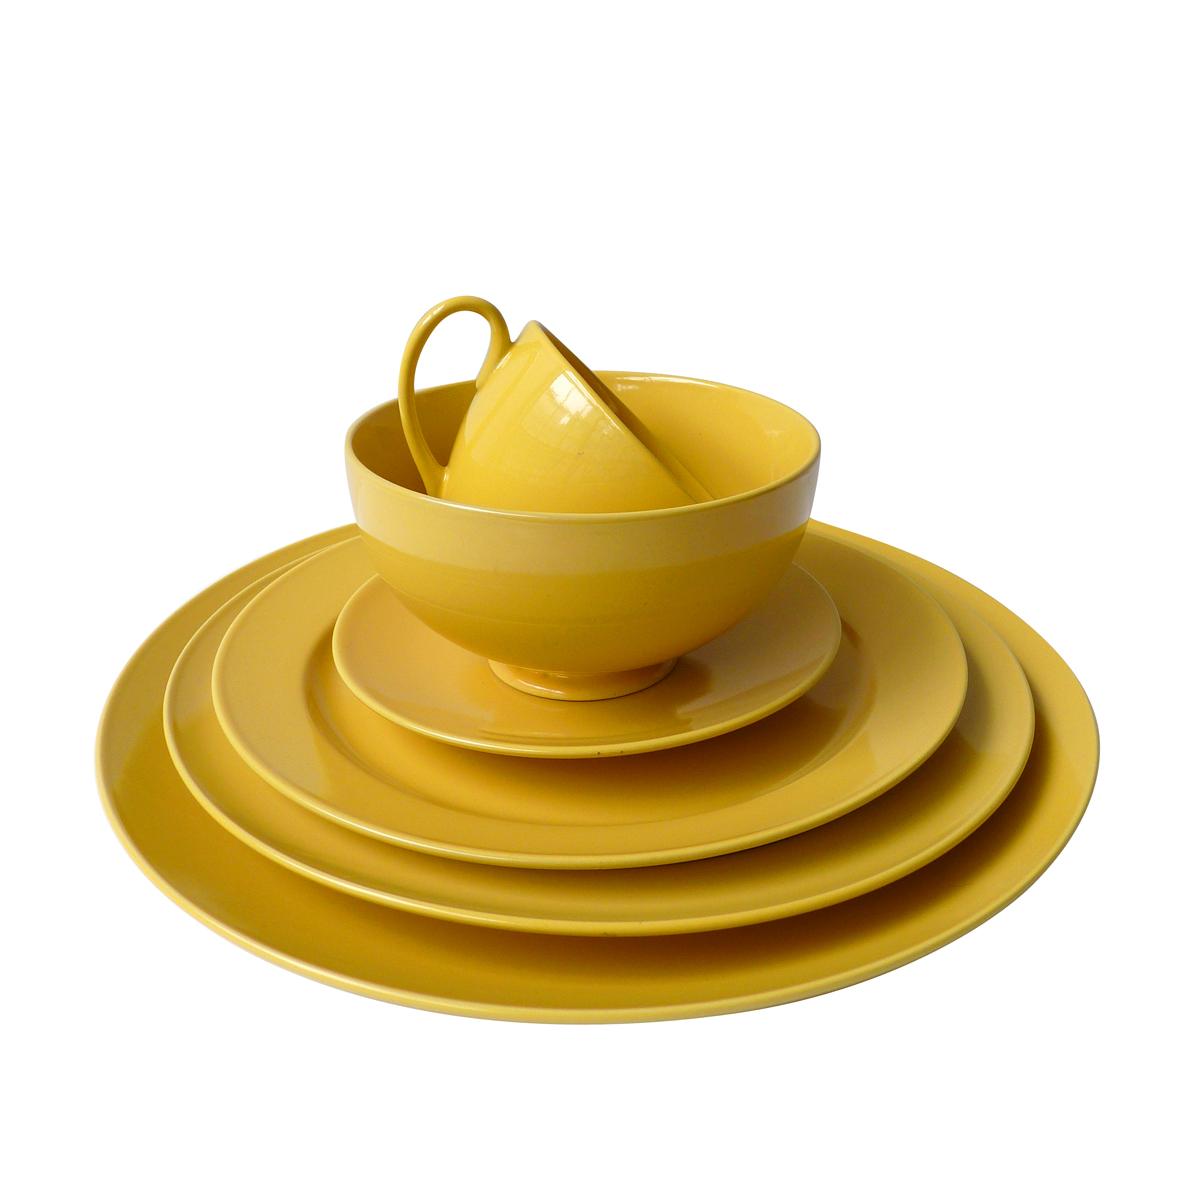 dinnerware-yel.jpg